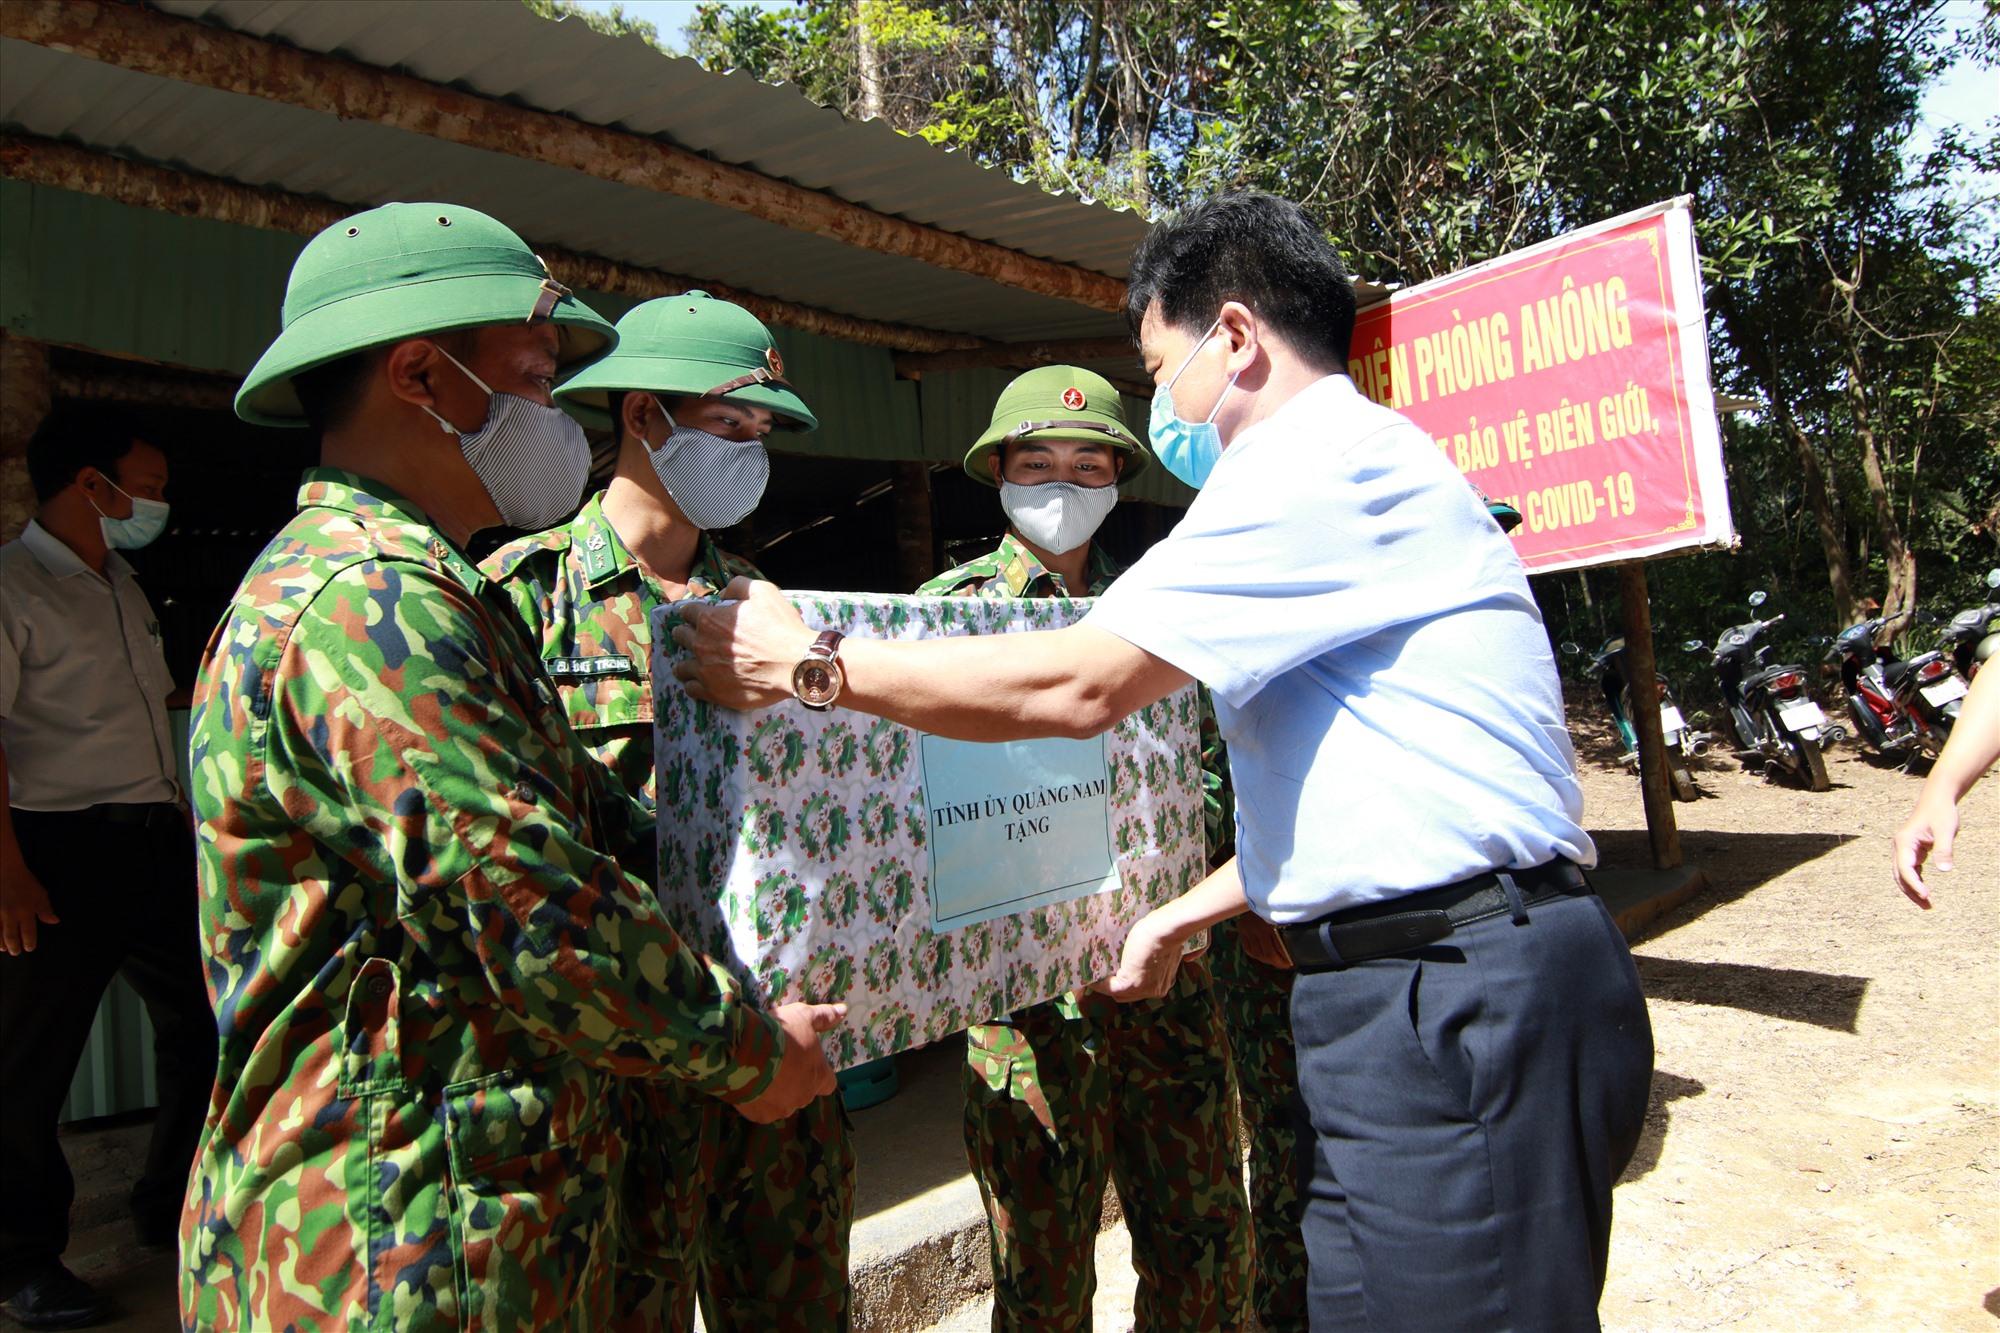 Phó Bí thư Thường trực Tỉnh ủy Lê Văn Dũng tặng quà cho chốt kiểm soát Đồn biên phòng A Nông nhân chuyến thăm vừa qua. Ảnh: T.C